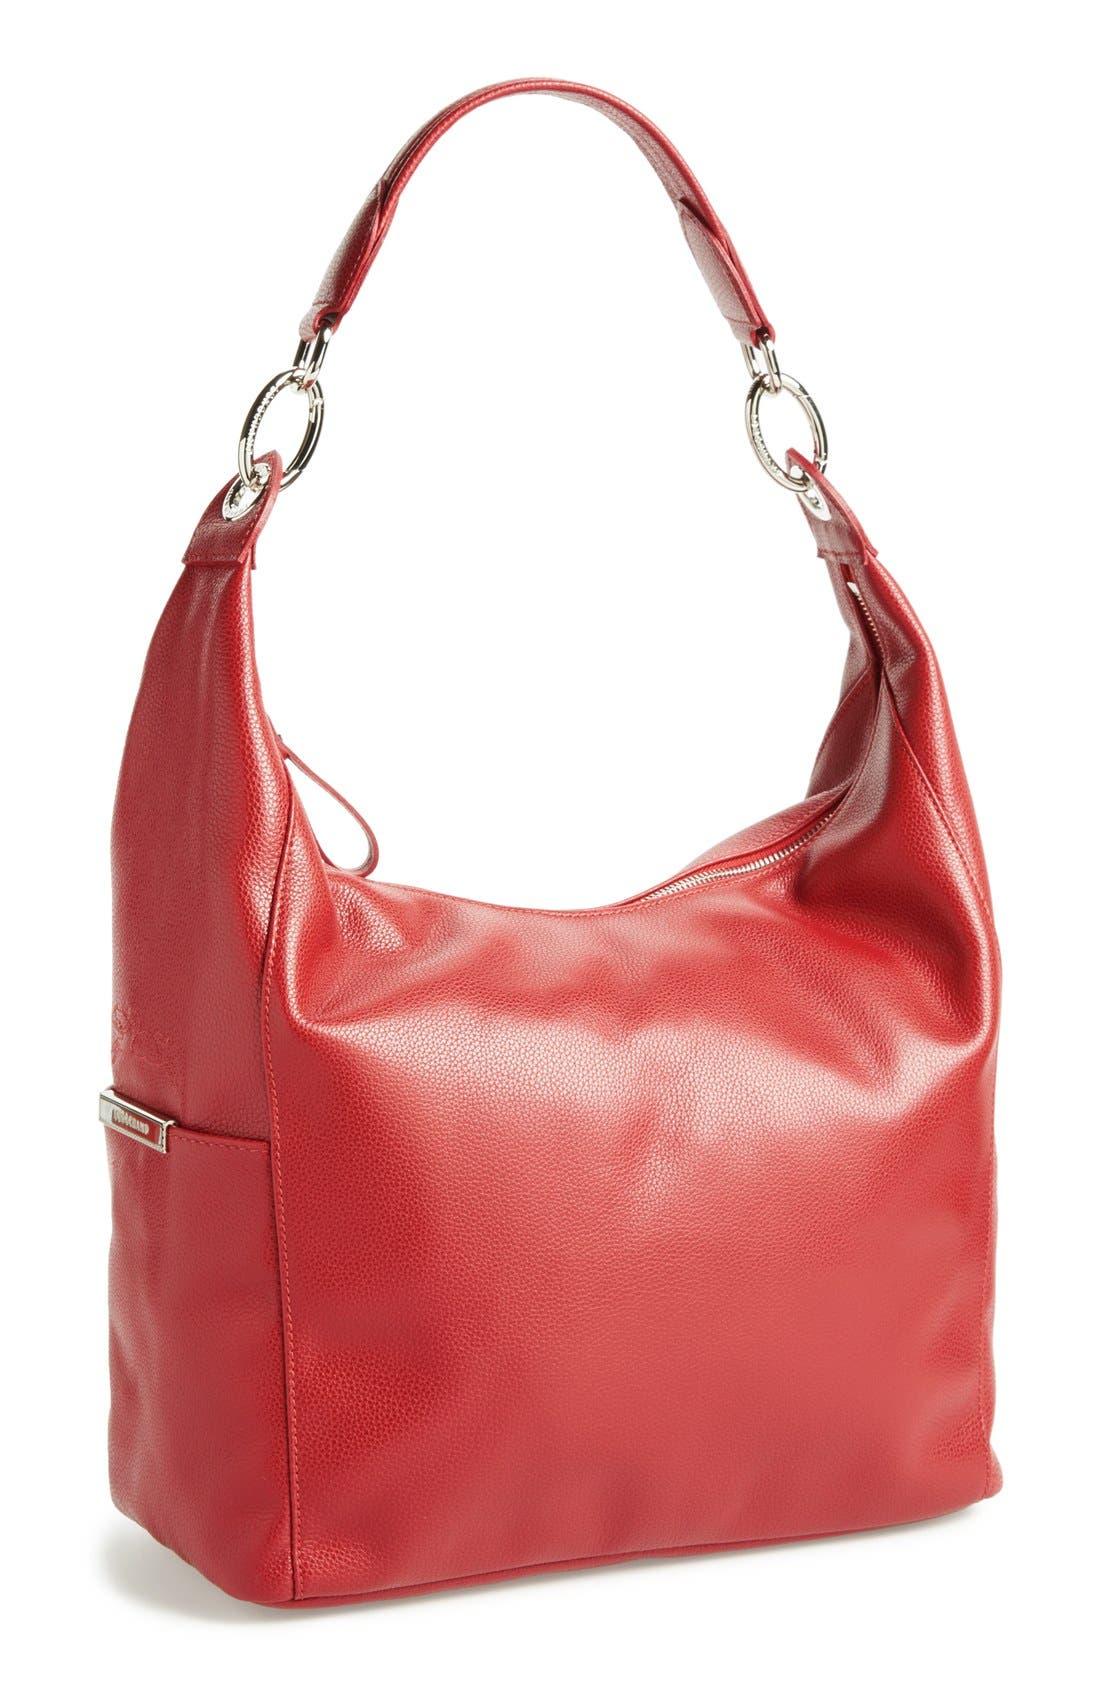 Main Image - Longchamp 'Le Foulonne' Hobo Bag